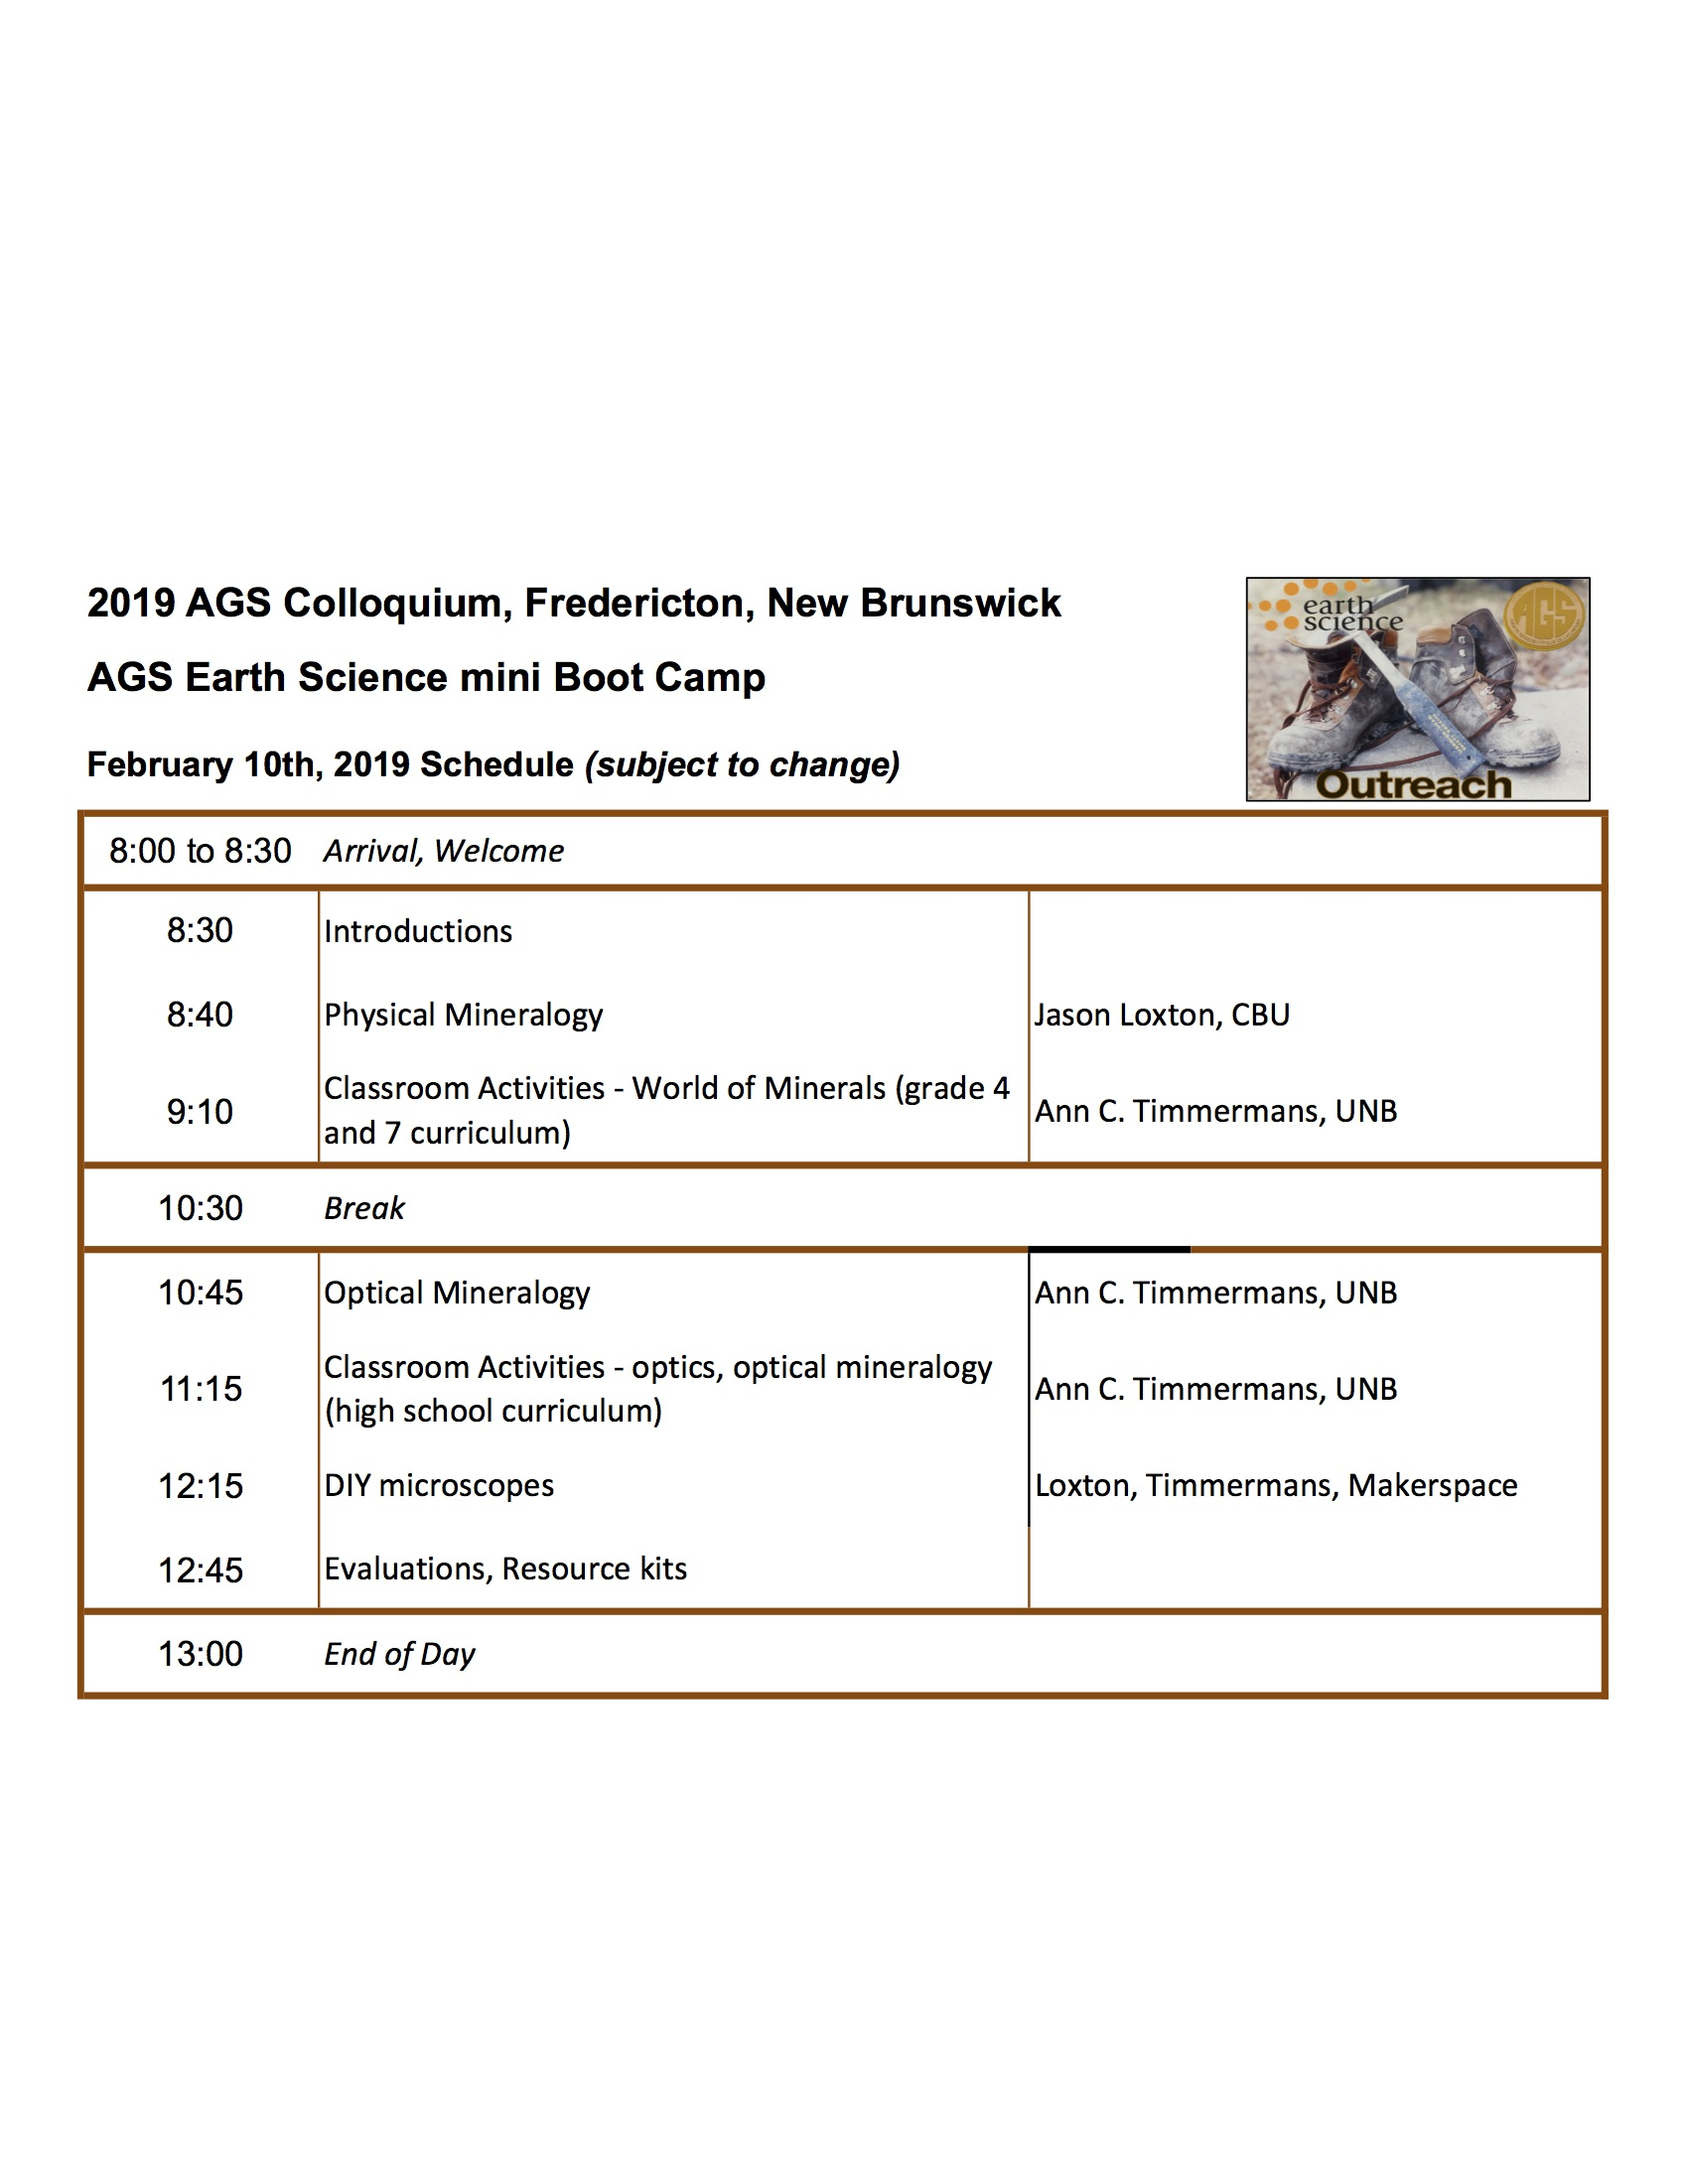 2019 AGS Workshop Schedule.jpg